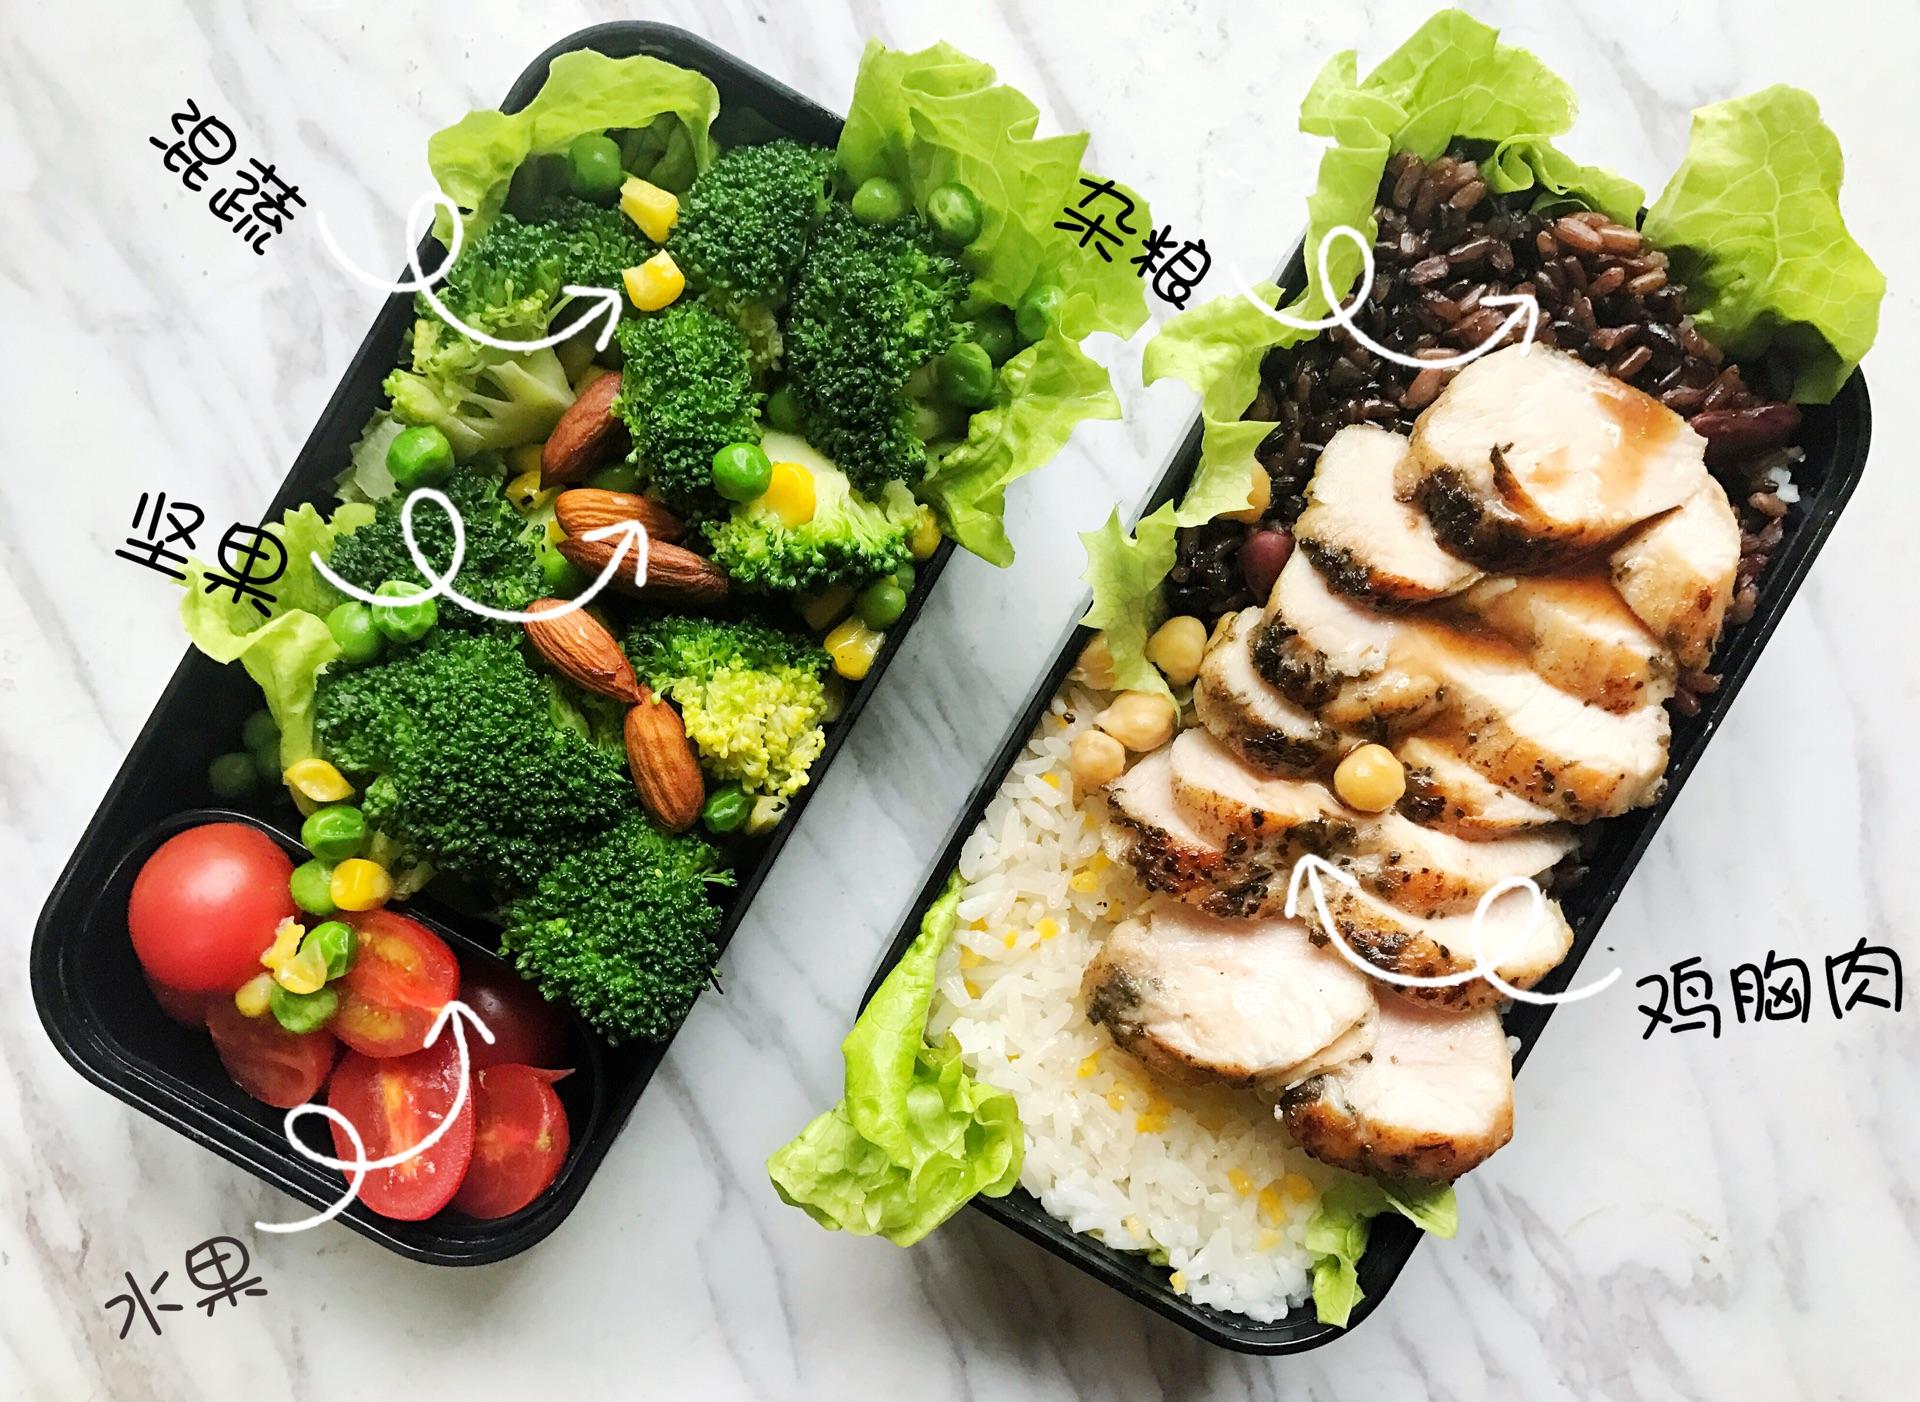 三款款减脂增肌餐粥能减肥配菜喝吗每天?图片